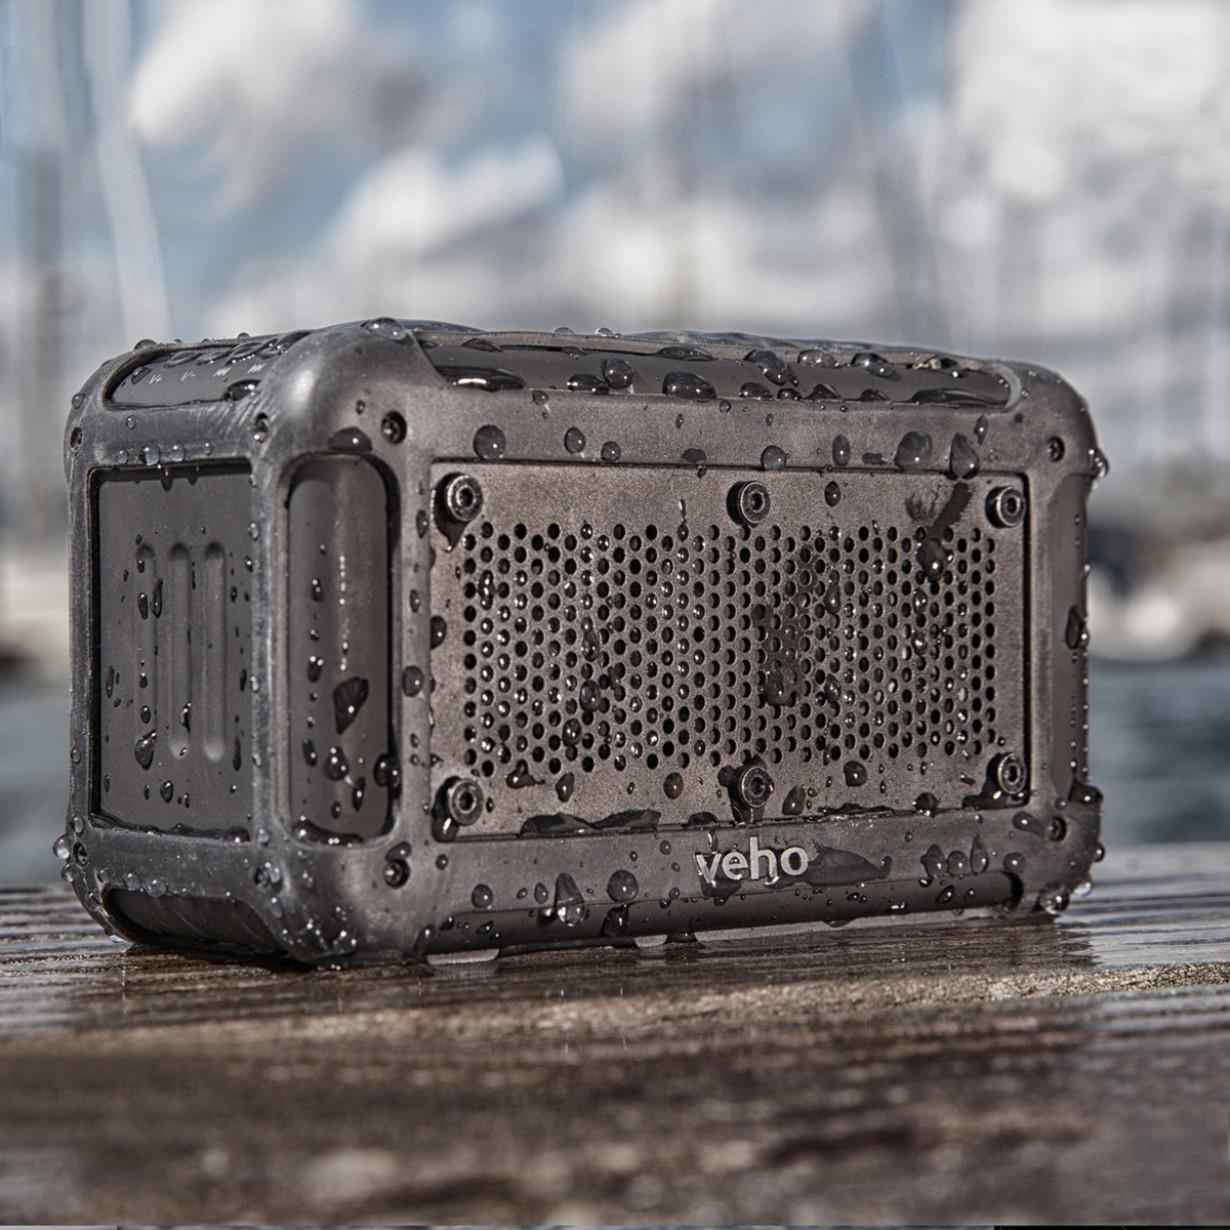 altoparlante-batteria-portatile-veho-bluetooth-820